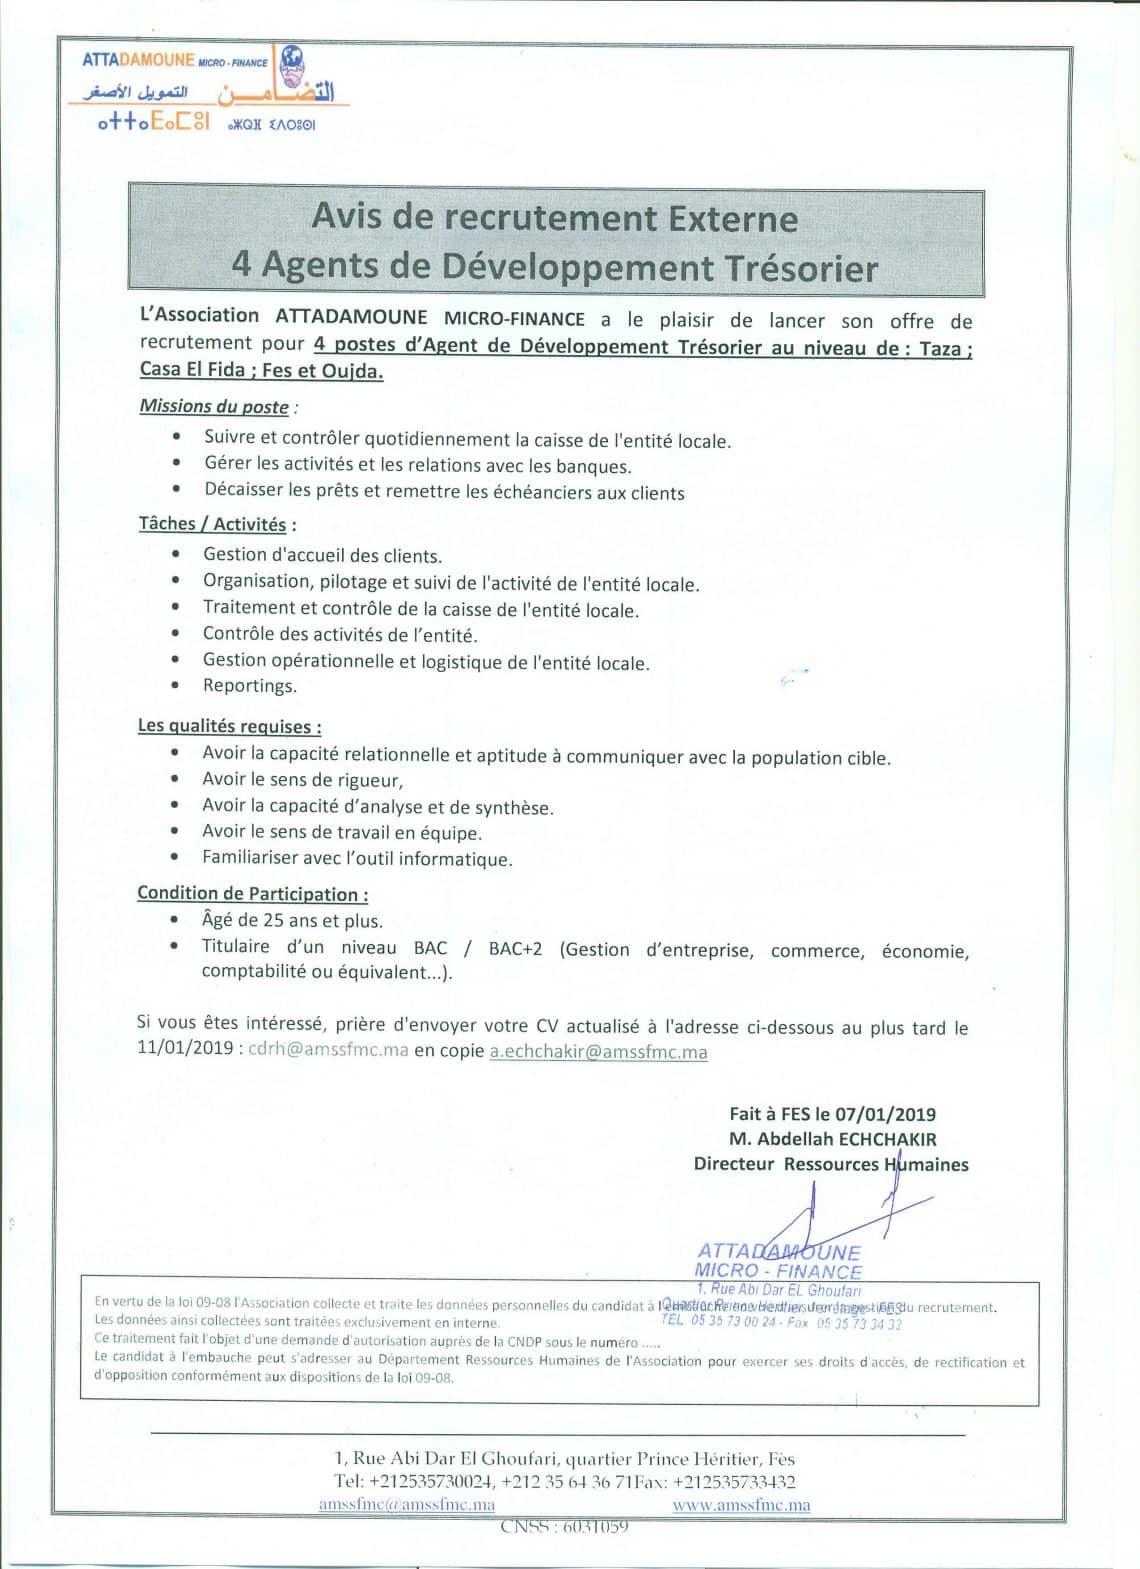 Attadamoune Micro Finance recrute 4 Agents de Développement Trésoriers (Casablanca Taza Fès Oujda)